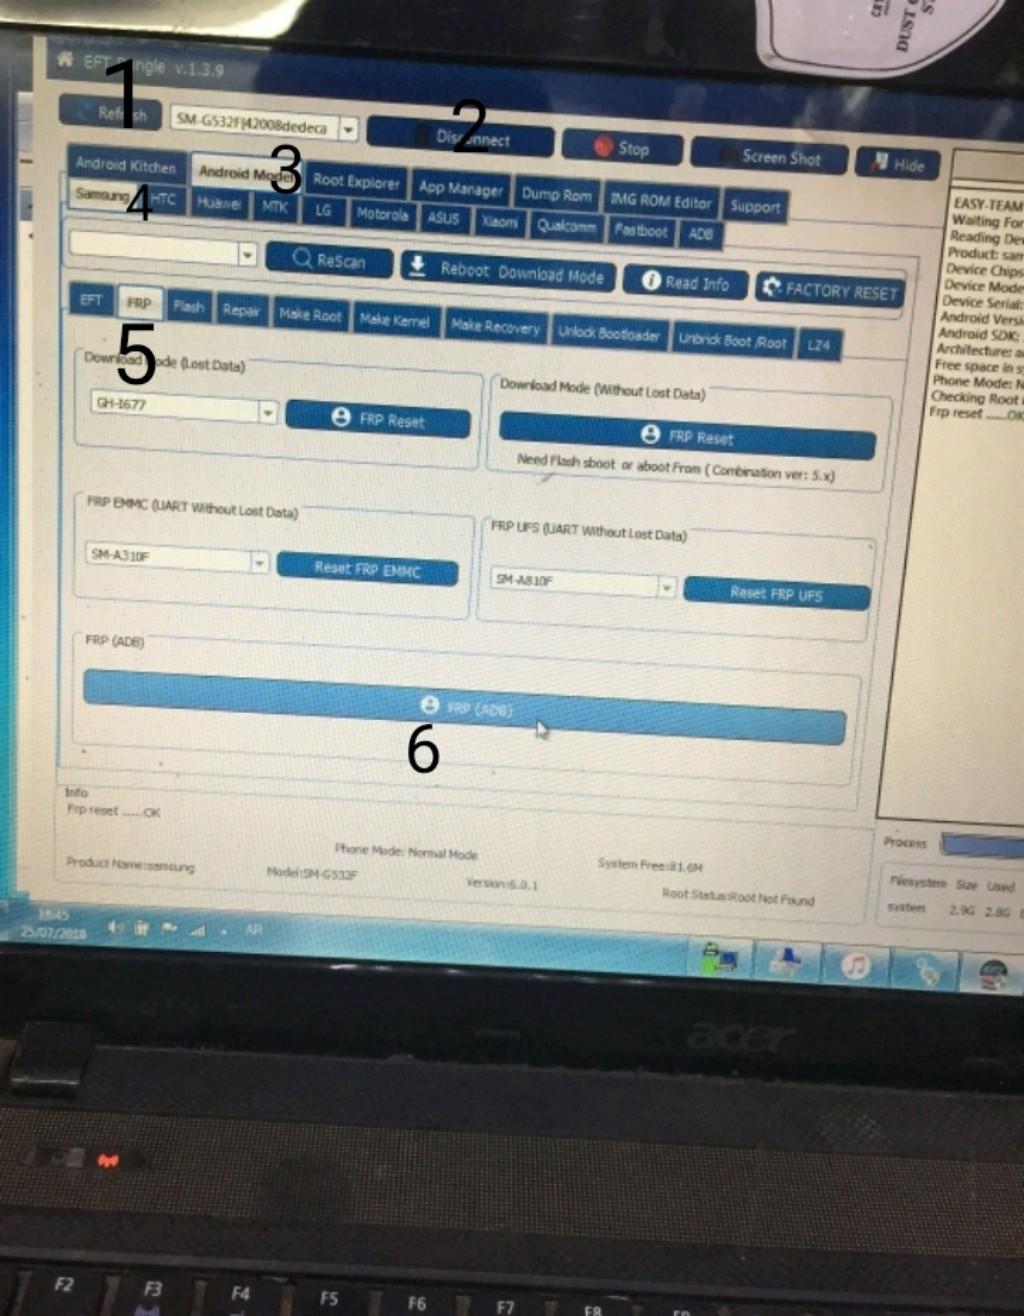 حذف حساب قوقل G532f بضغطه زر eft dongle - الصفحة 1